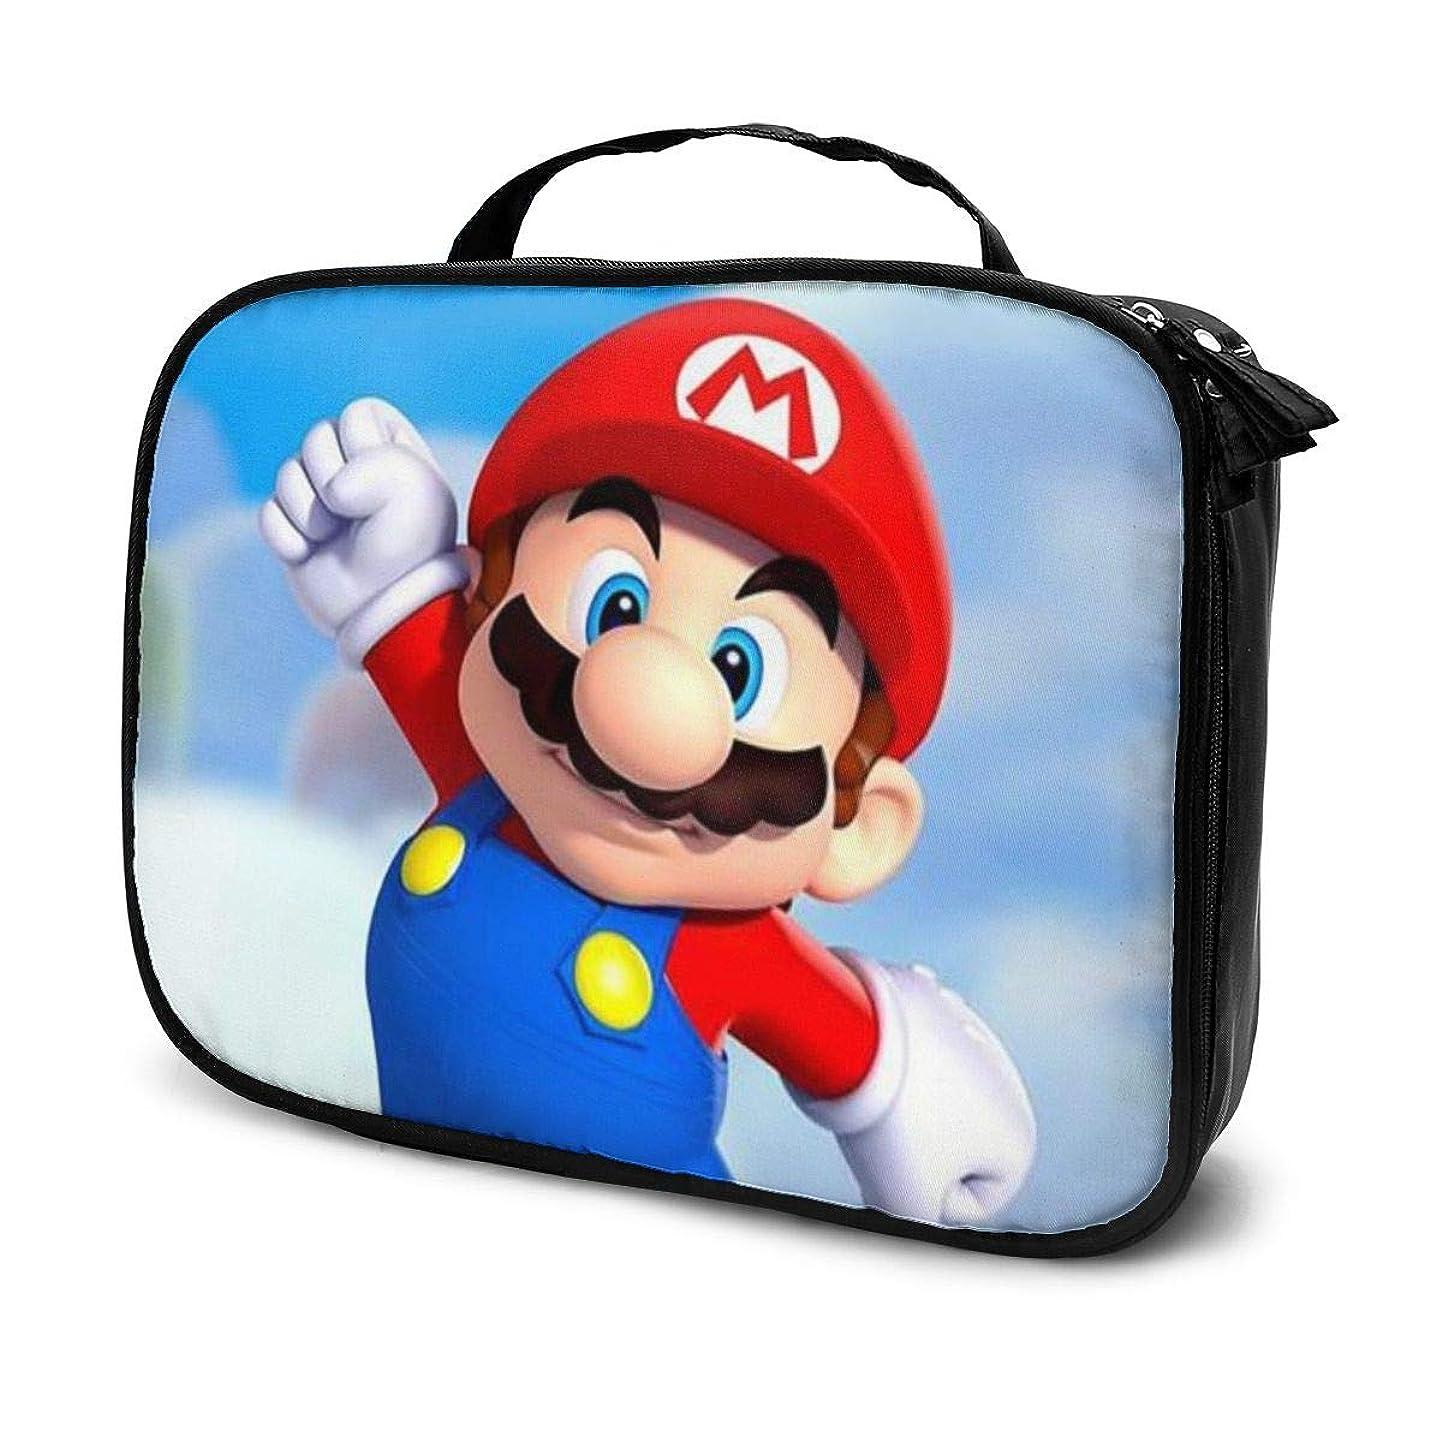 四面体評論家クリスマスDaituスーパーマリオ 化粧品袋の女性旅行バッグ収納大容量防水アクセサリー旅行